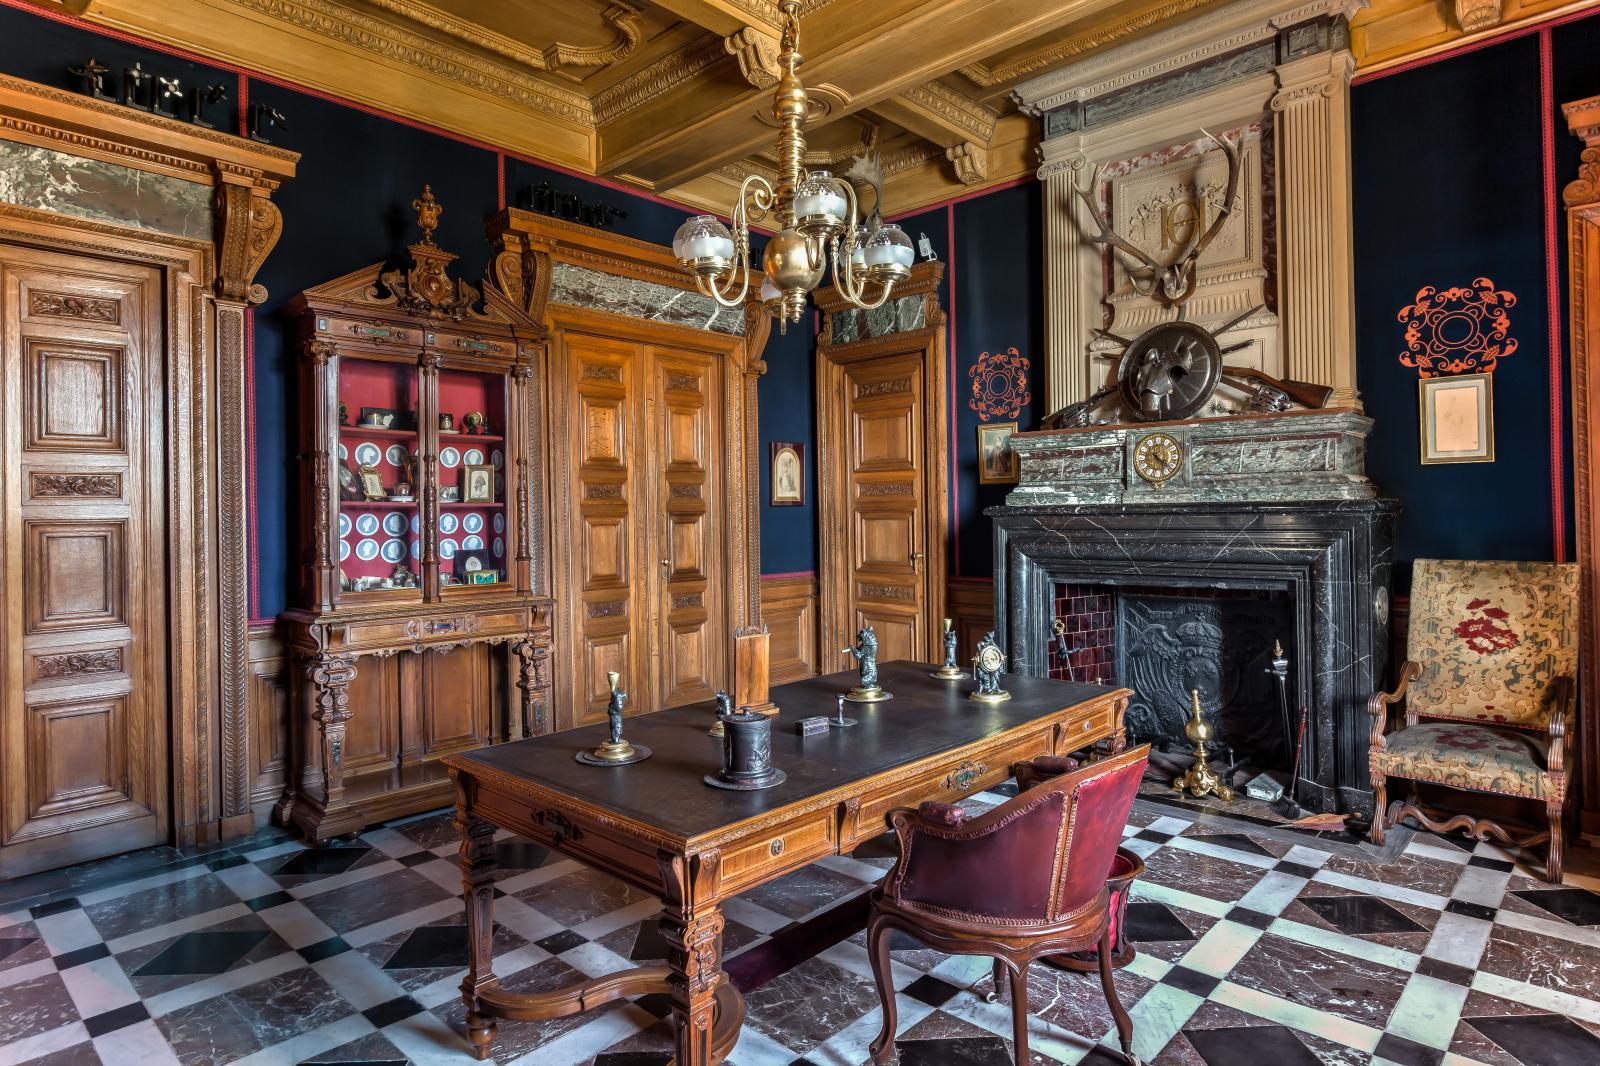 Salle à manger néo-Renaissance, transformée par la suite en bureau. Dressoir-vitrine et bibliothèques des frères Grohé. Dallage de marbre s'inspirant